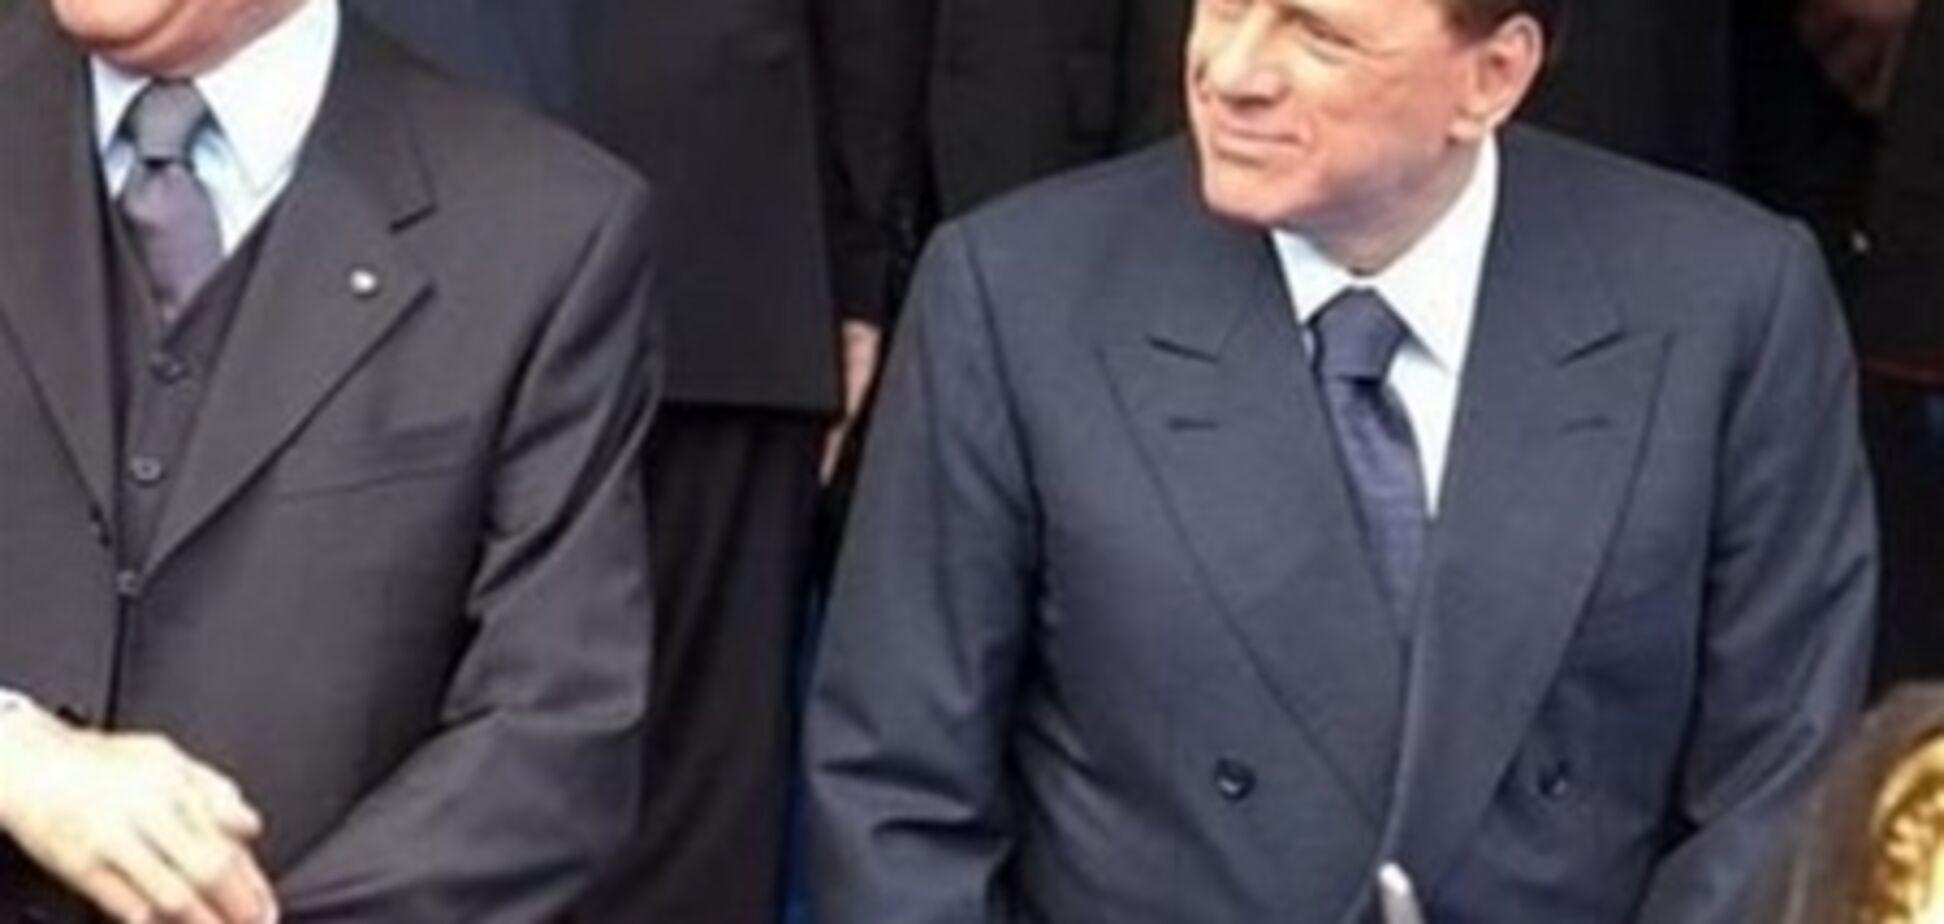 І сміх і гріх: найневдаліші фото політиків